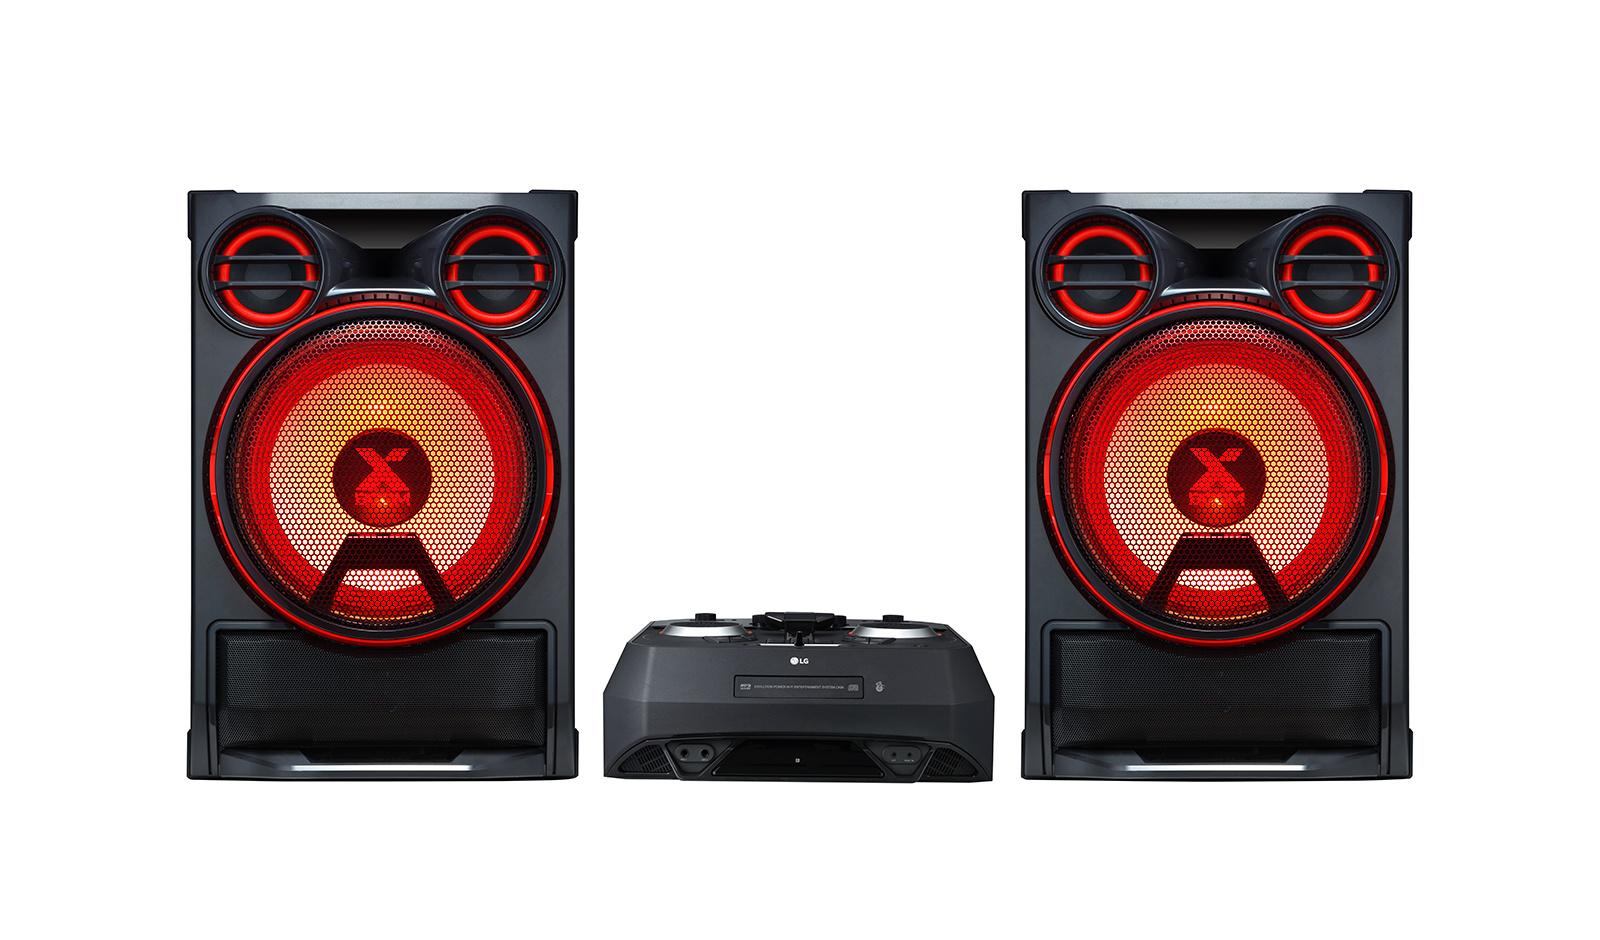 Музыкальная система LG CK99